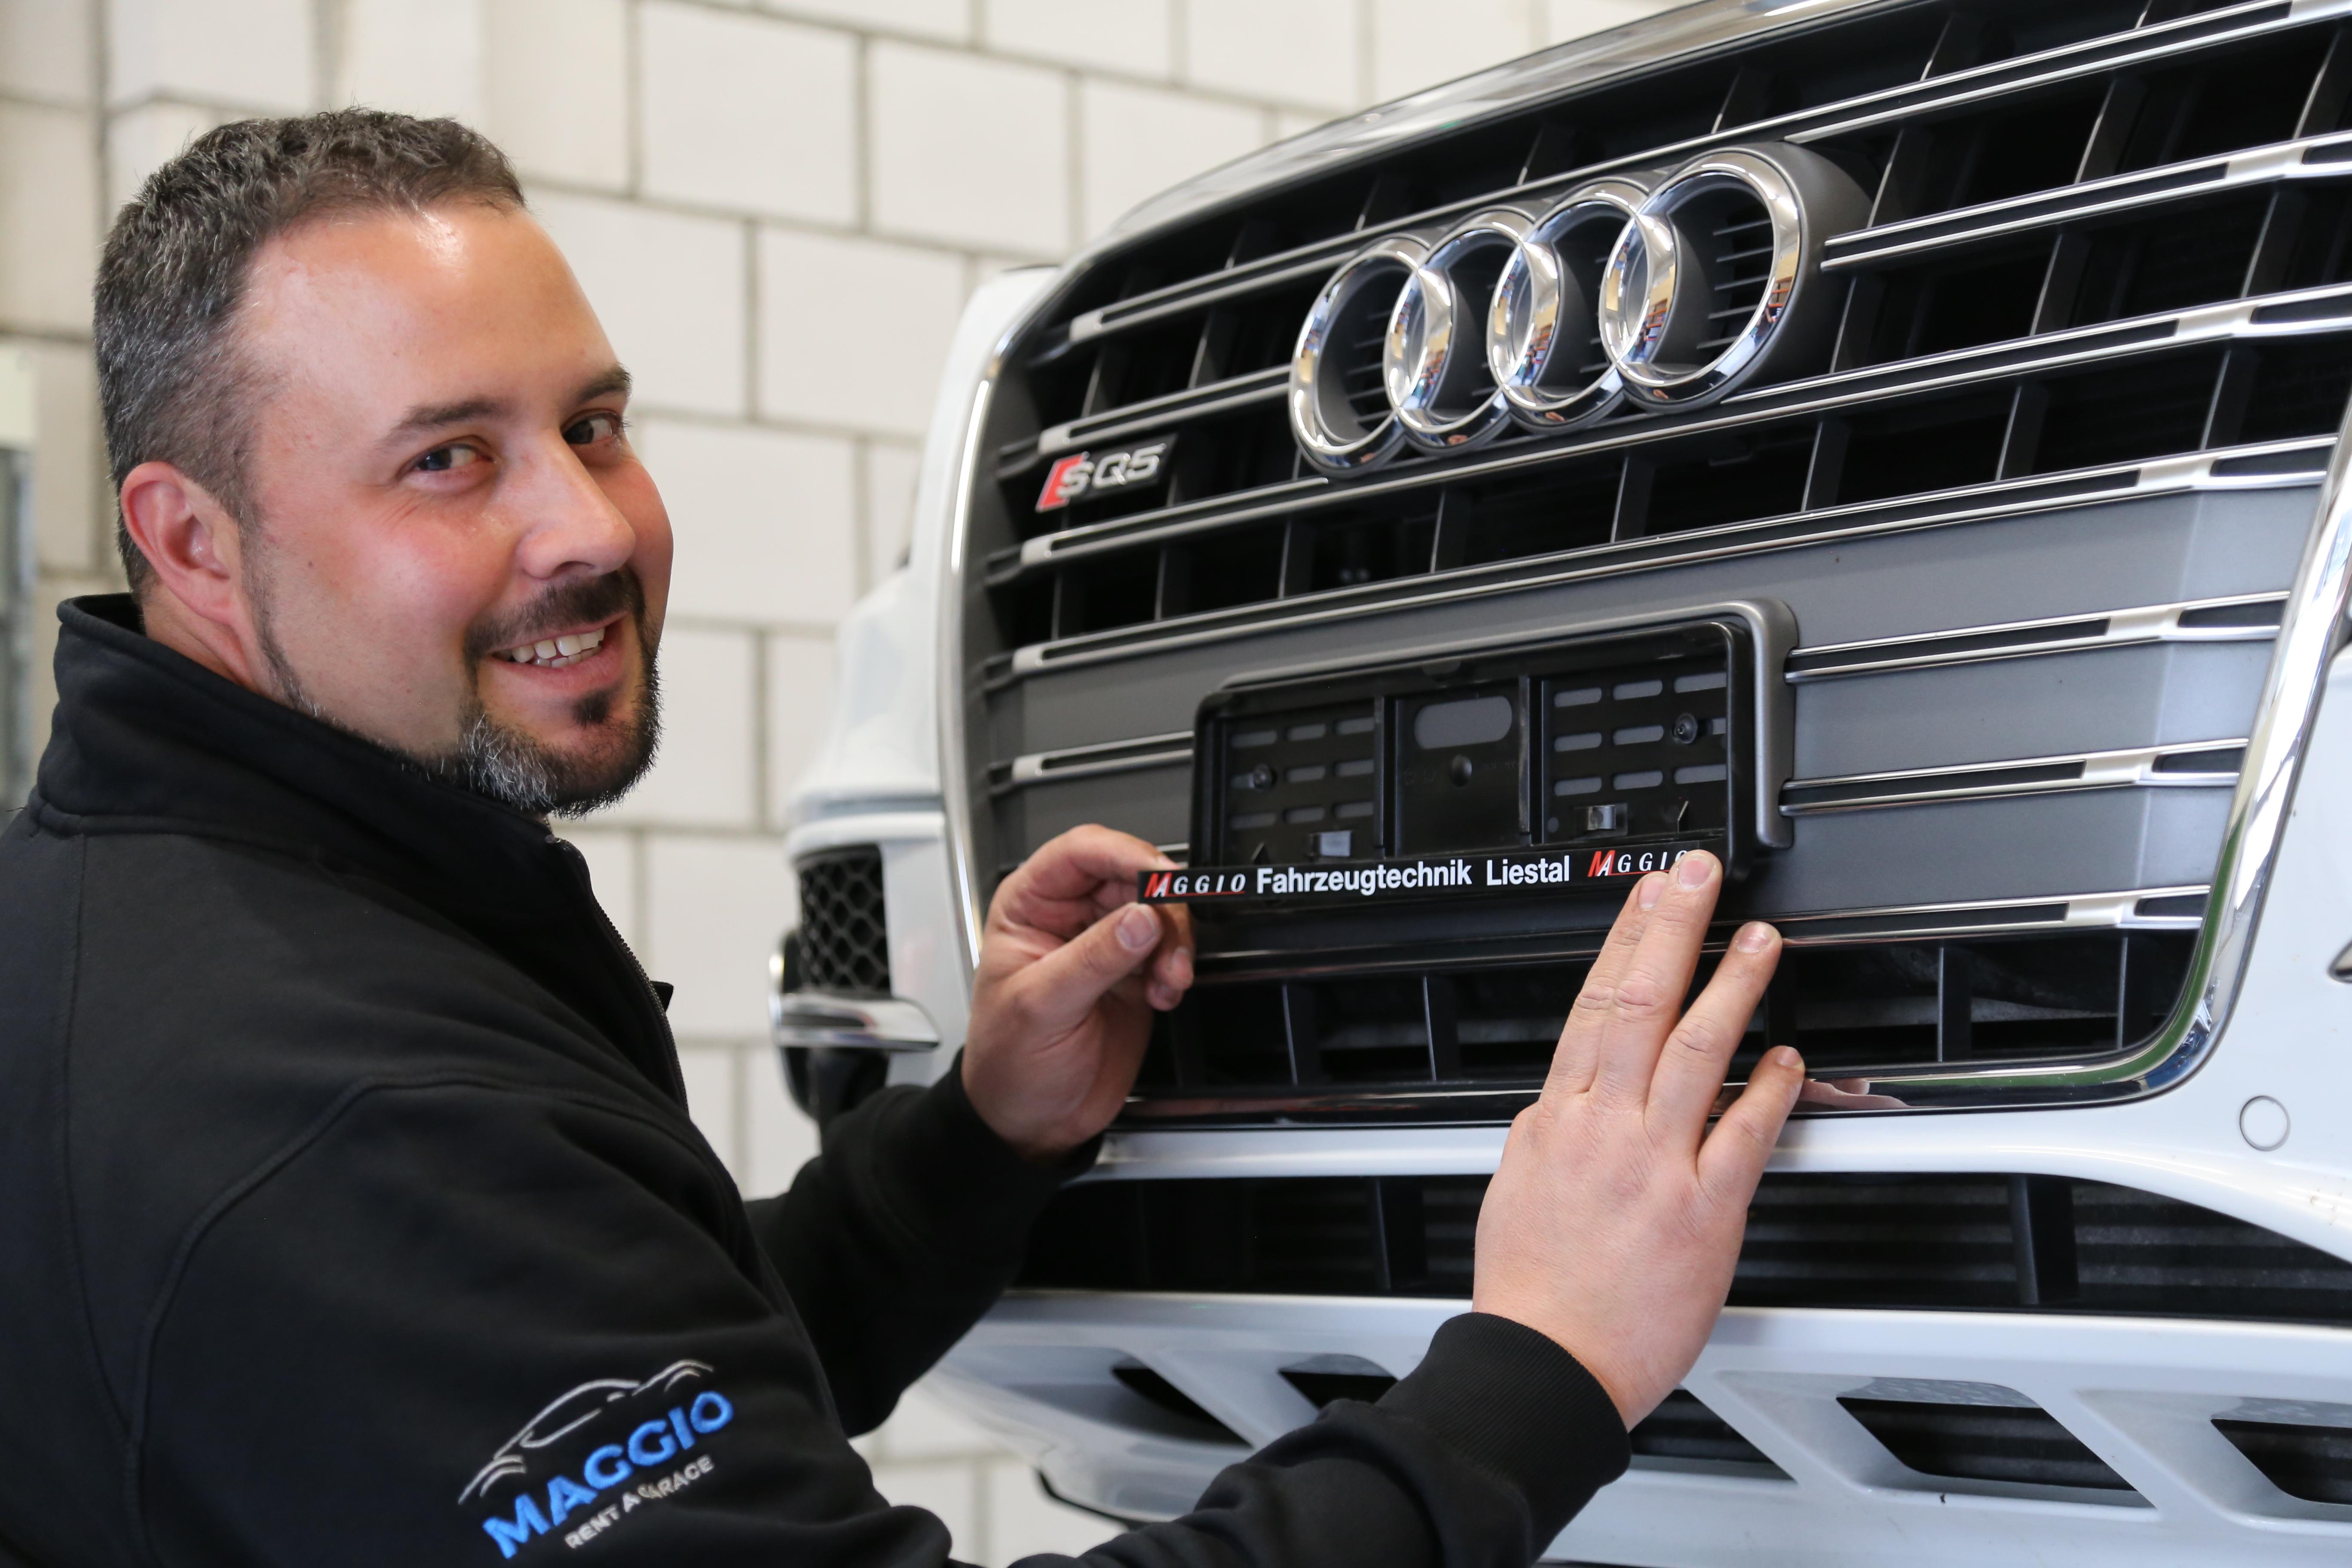 Claudio Maggio Fahrzeugtechnik